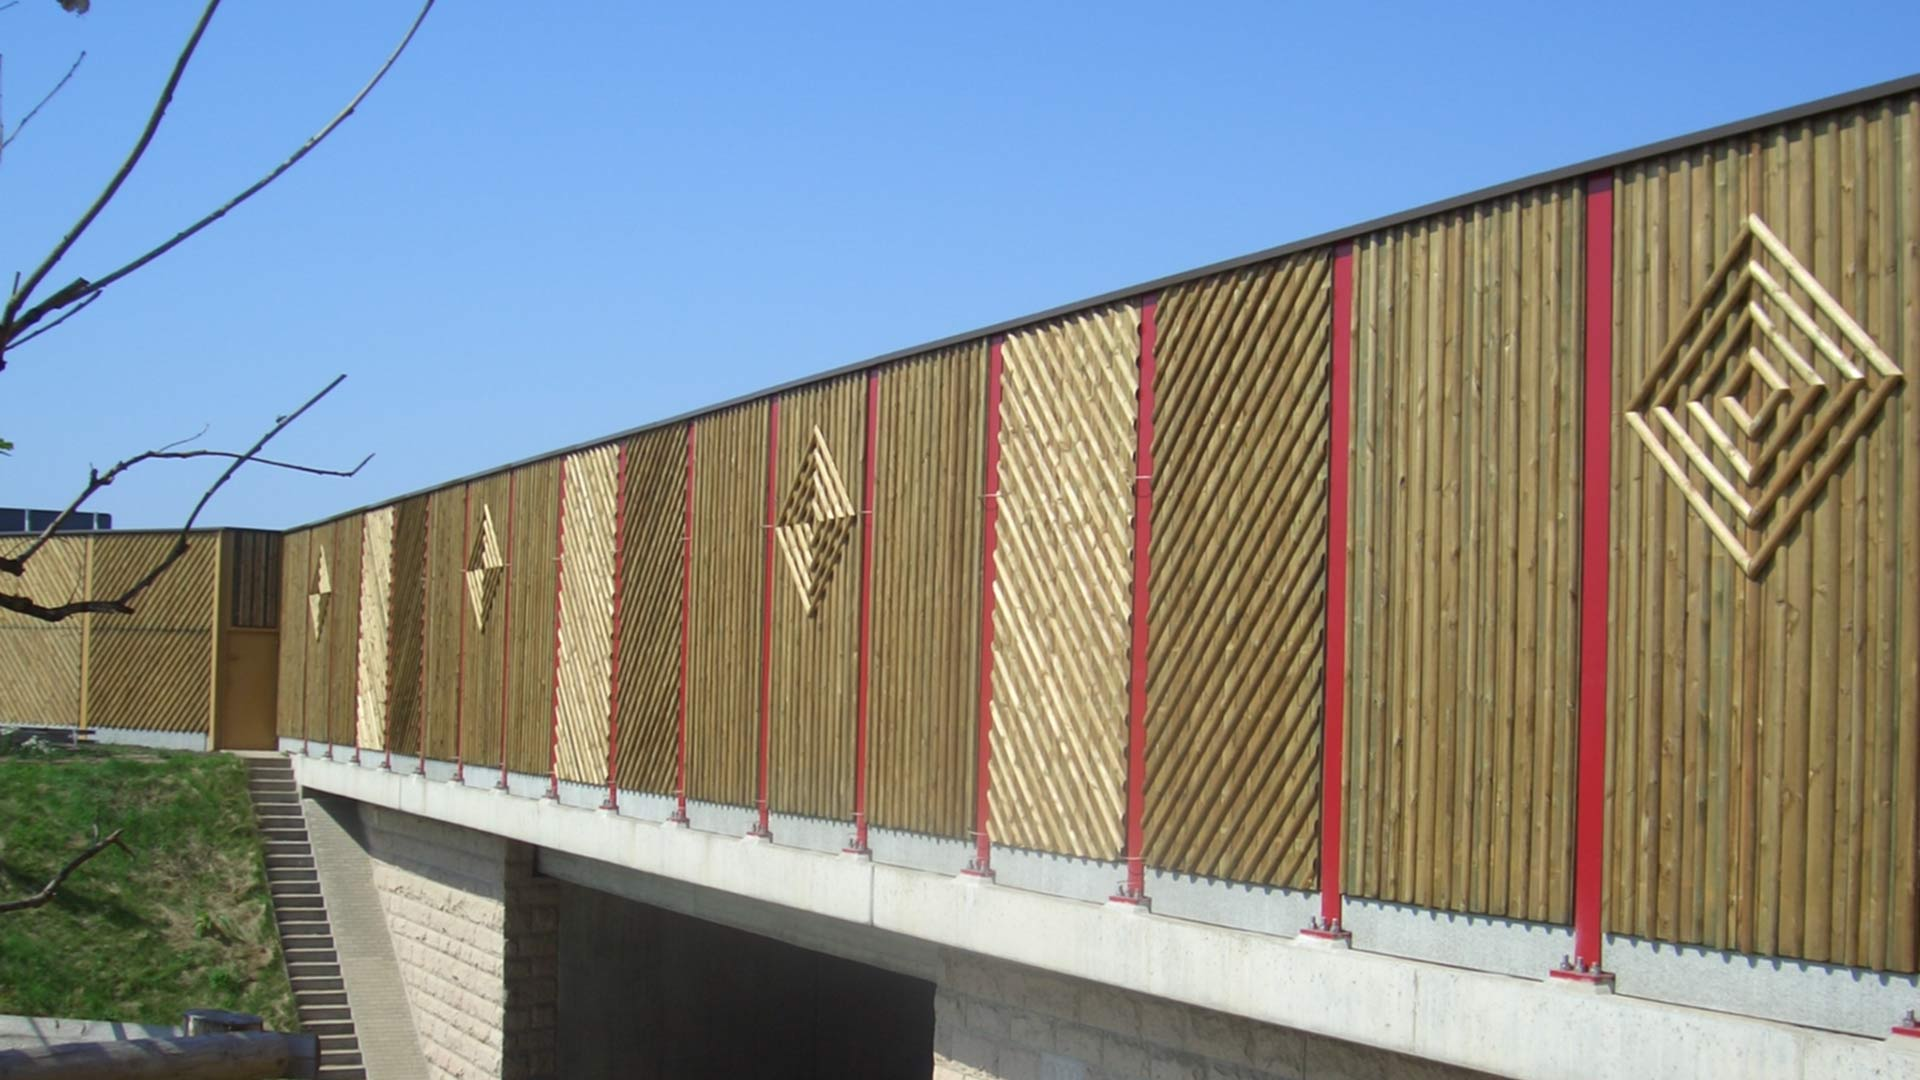 Lärmschutzwand auf Brückenkappe, Holz, Sachsen